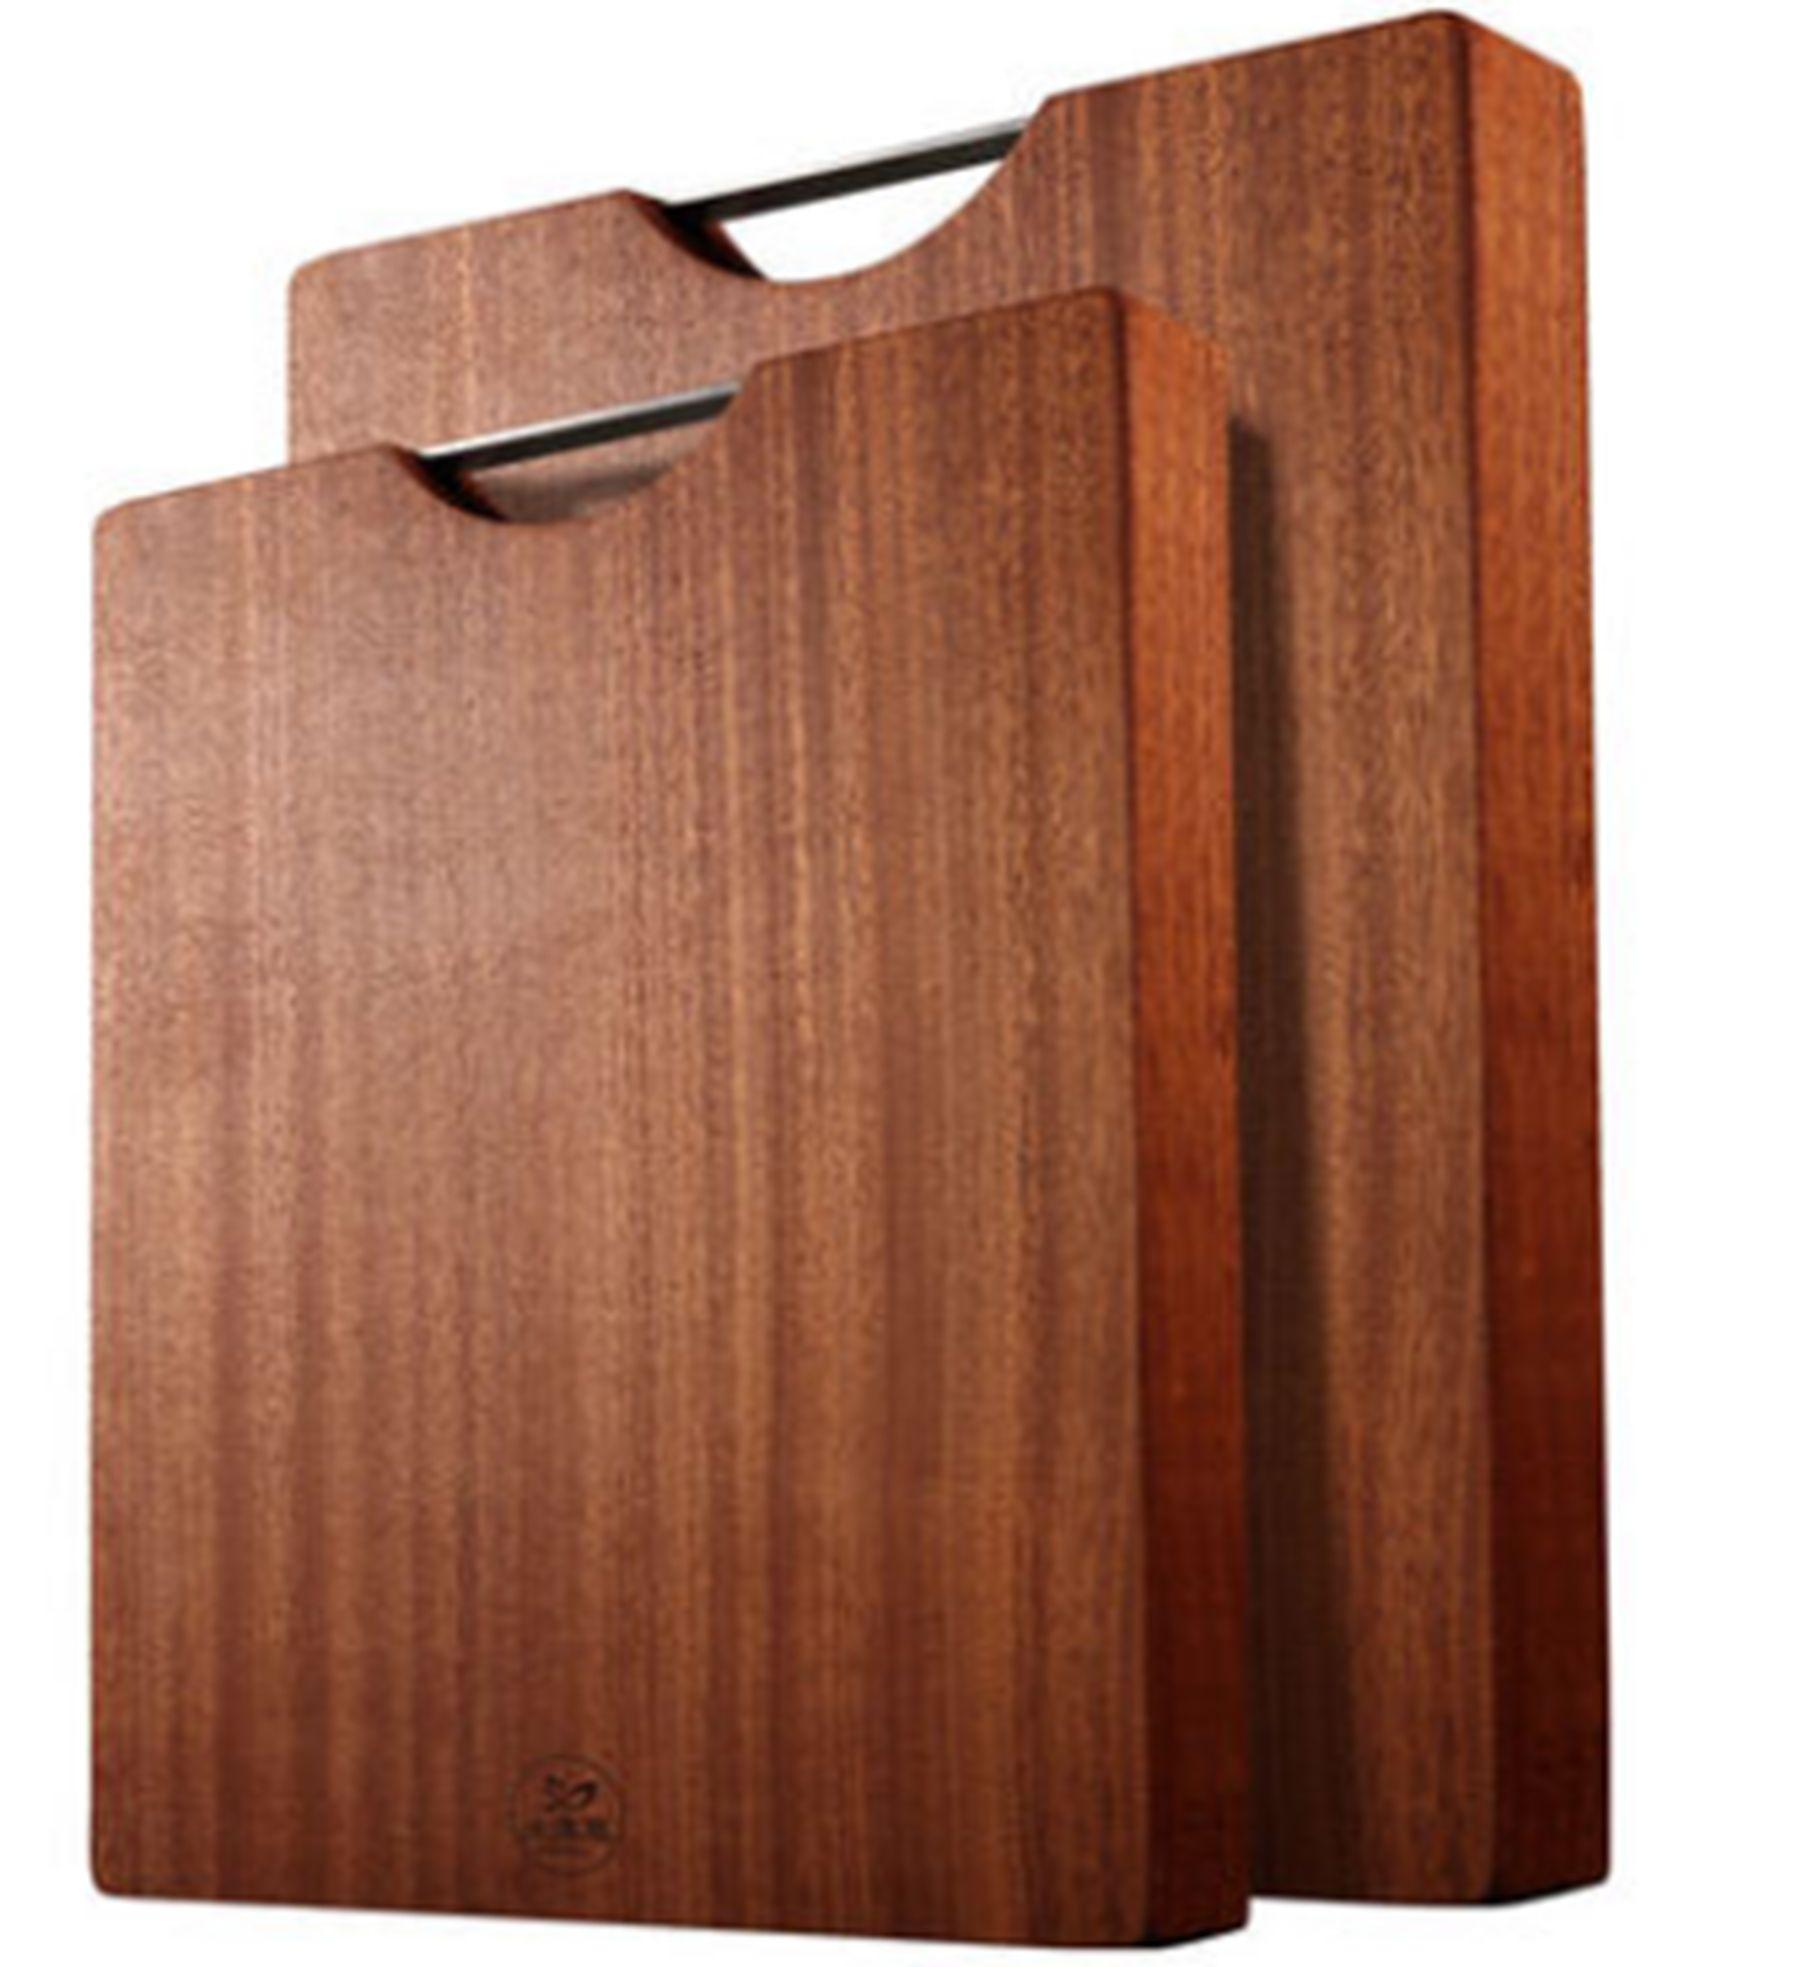 义乌好货 小号乌檀木方形整木菜板(40*28*3cm)/YK